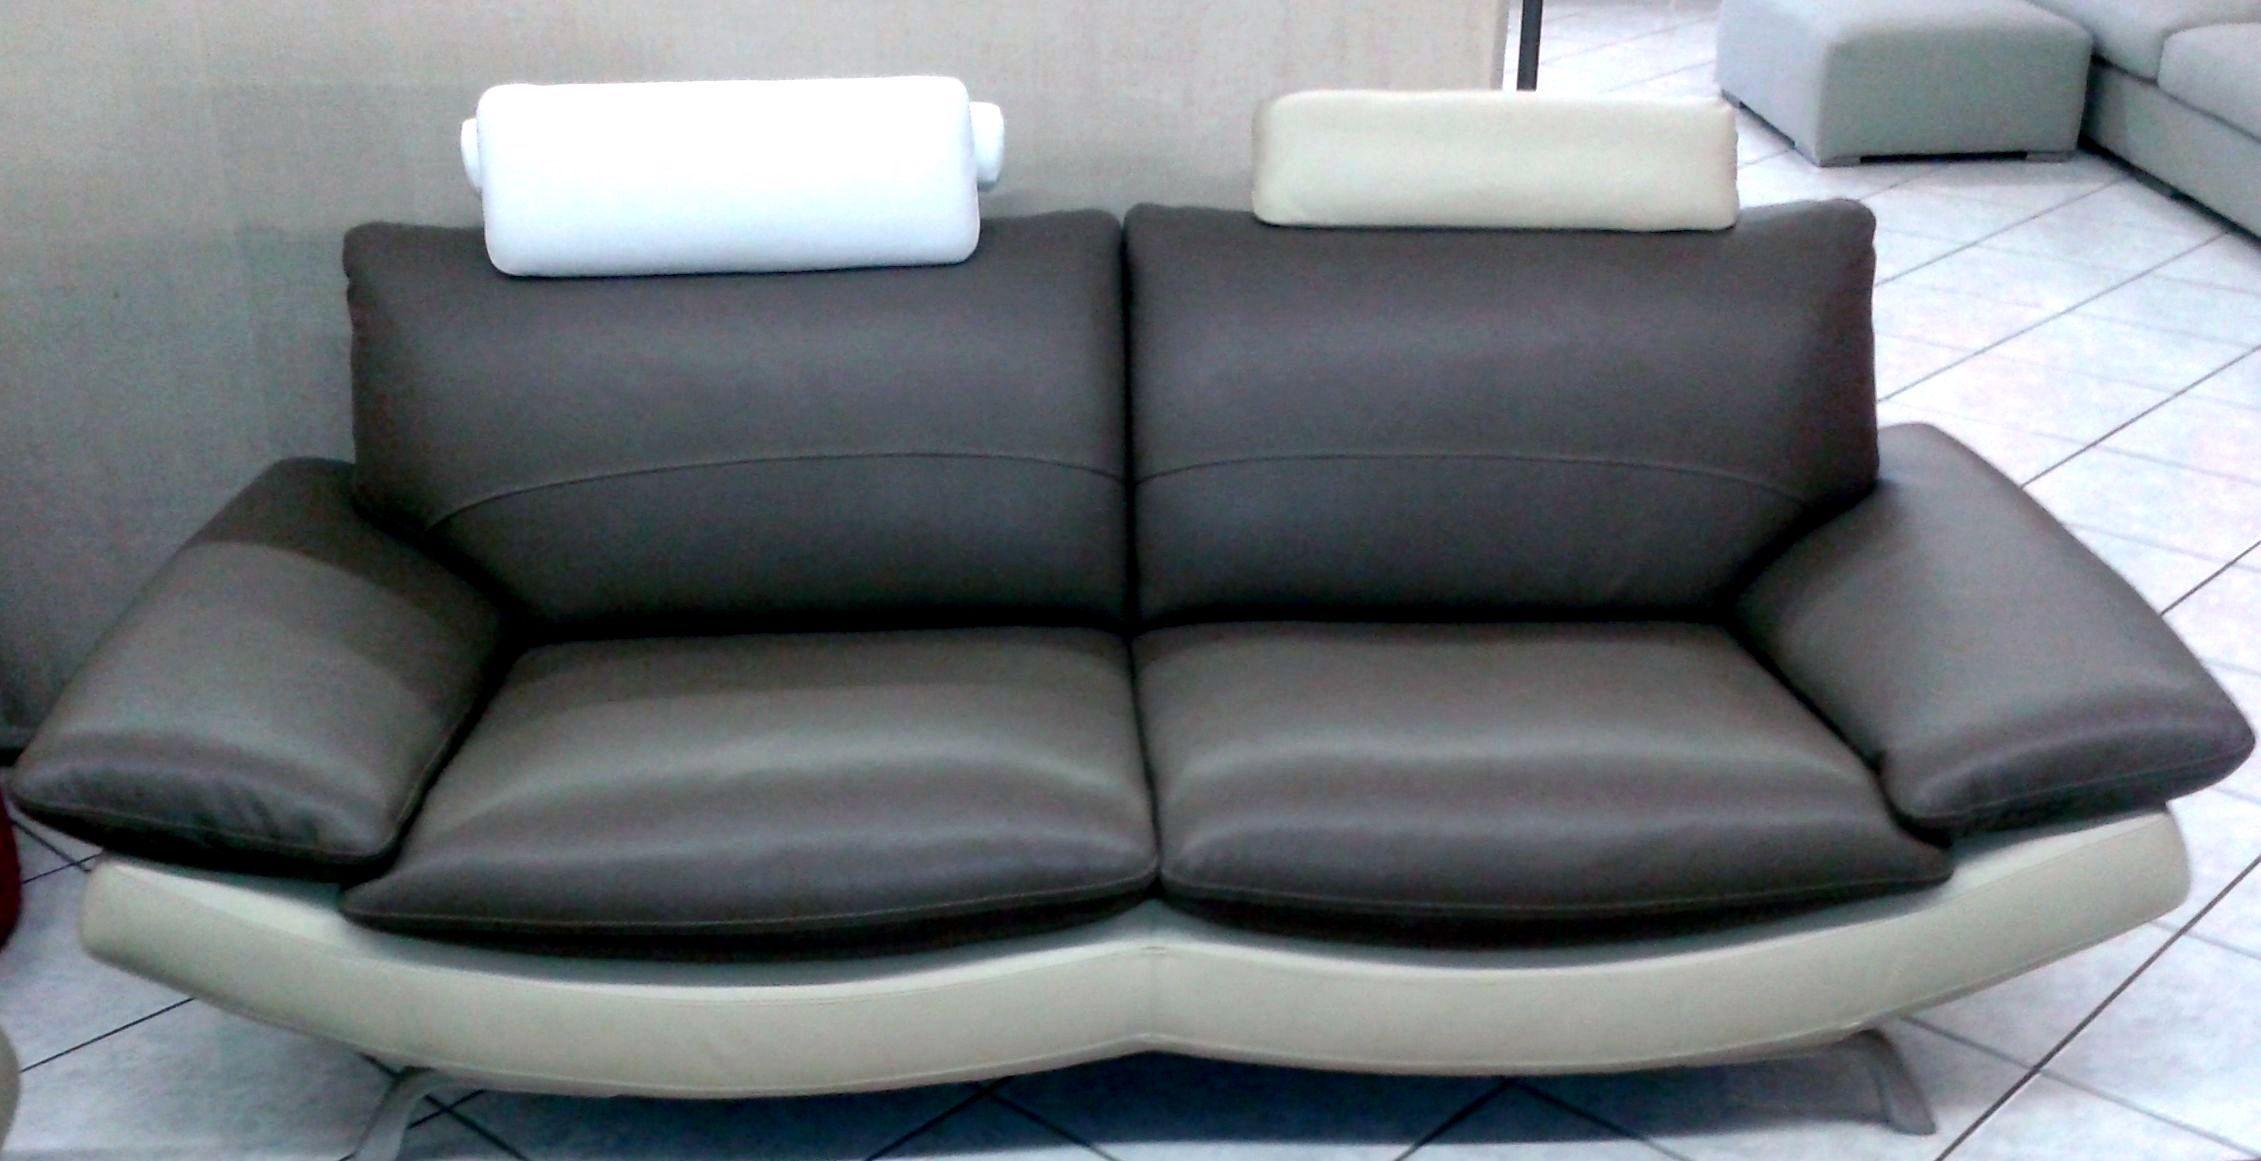 Promozione coppia divani moderni in pelle divani a for Divani moderni